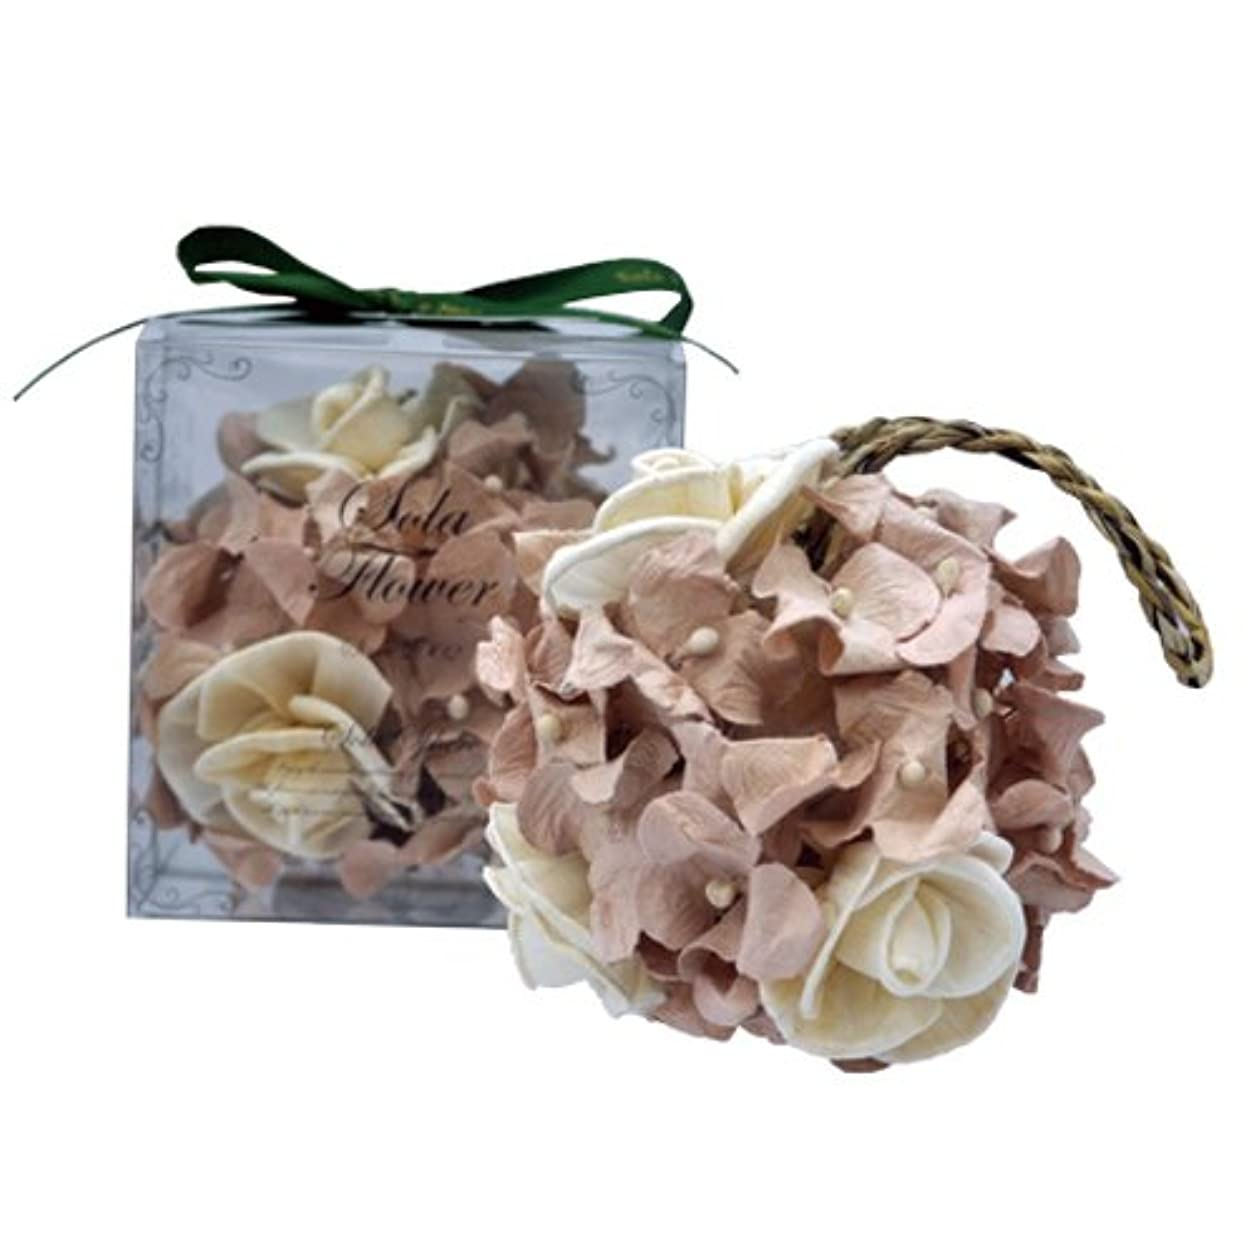 賢明な永続表示new Sola Flower ソラフラワー スフィア Gentle Rose ジェントルローズ Sphere